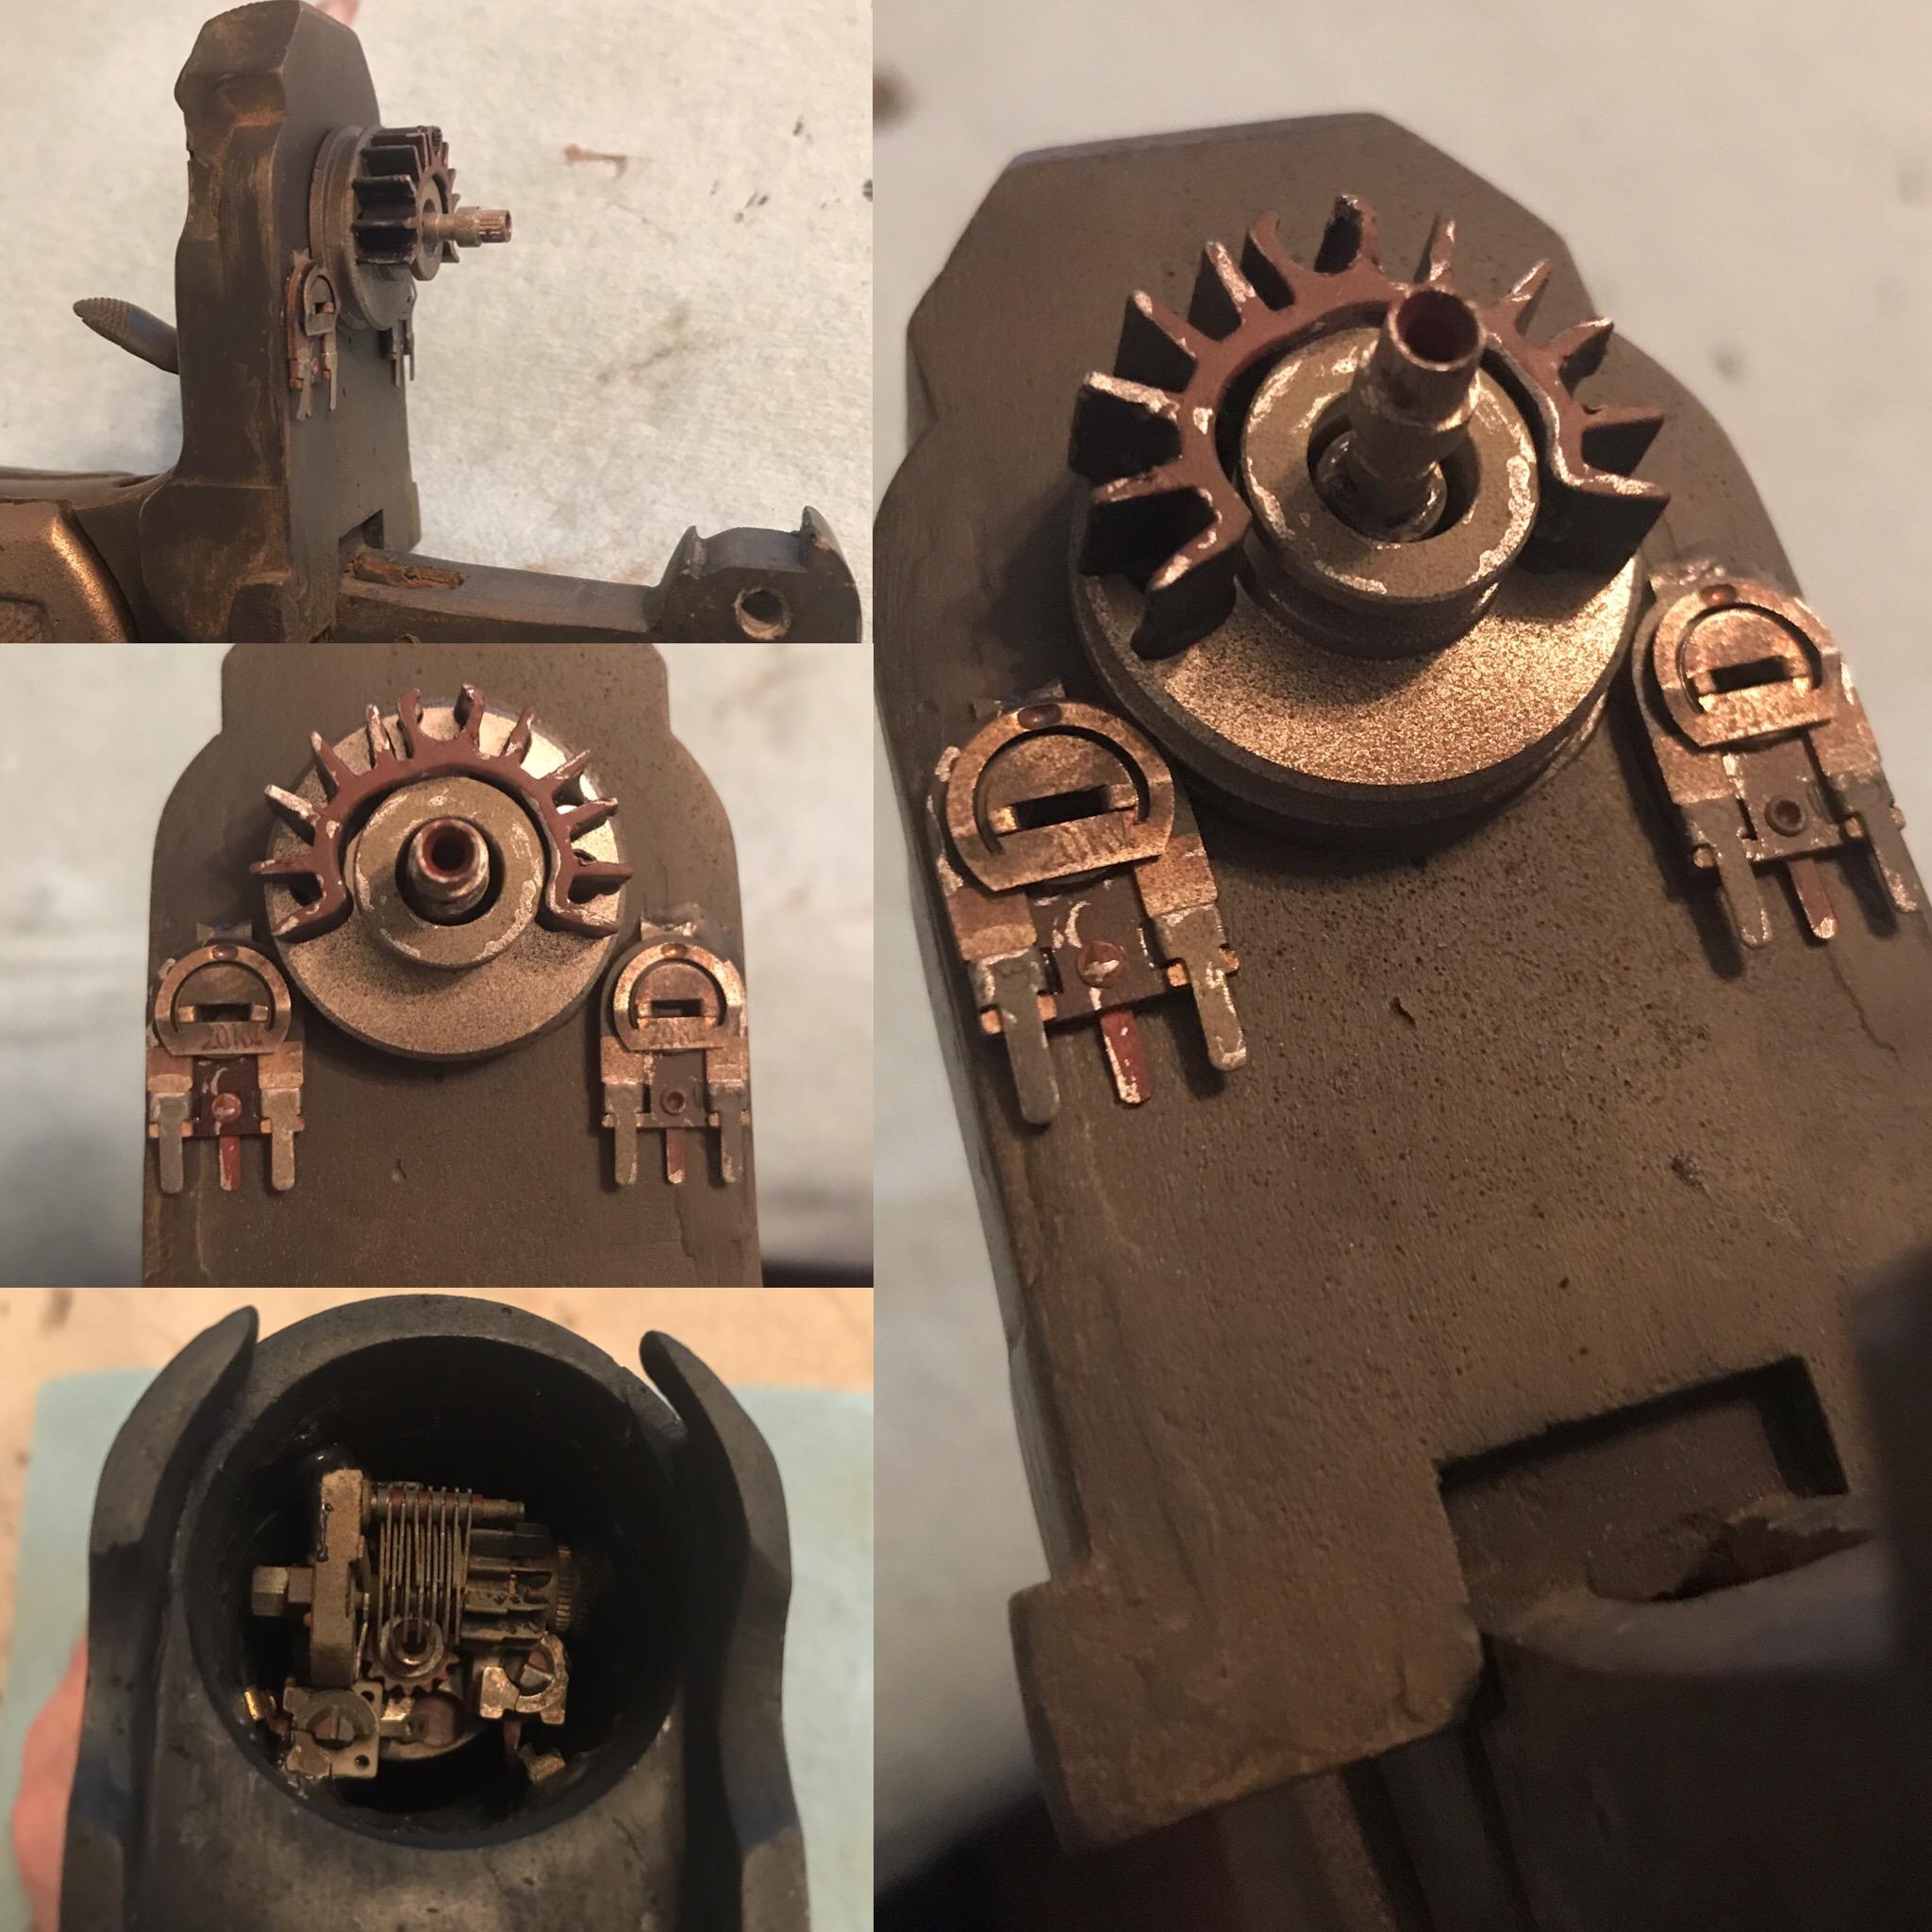 A28A0A8C-2806-4733-8D8D-7F8266C3E908.jpg